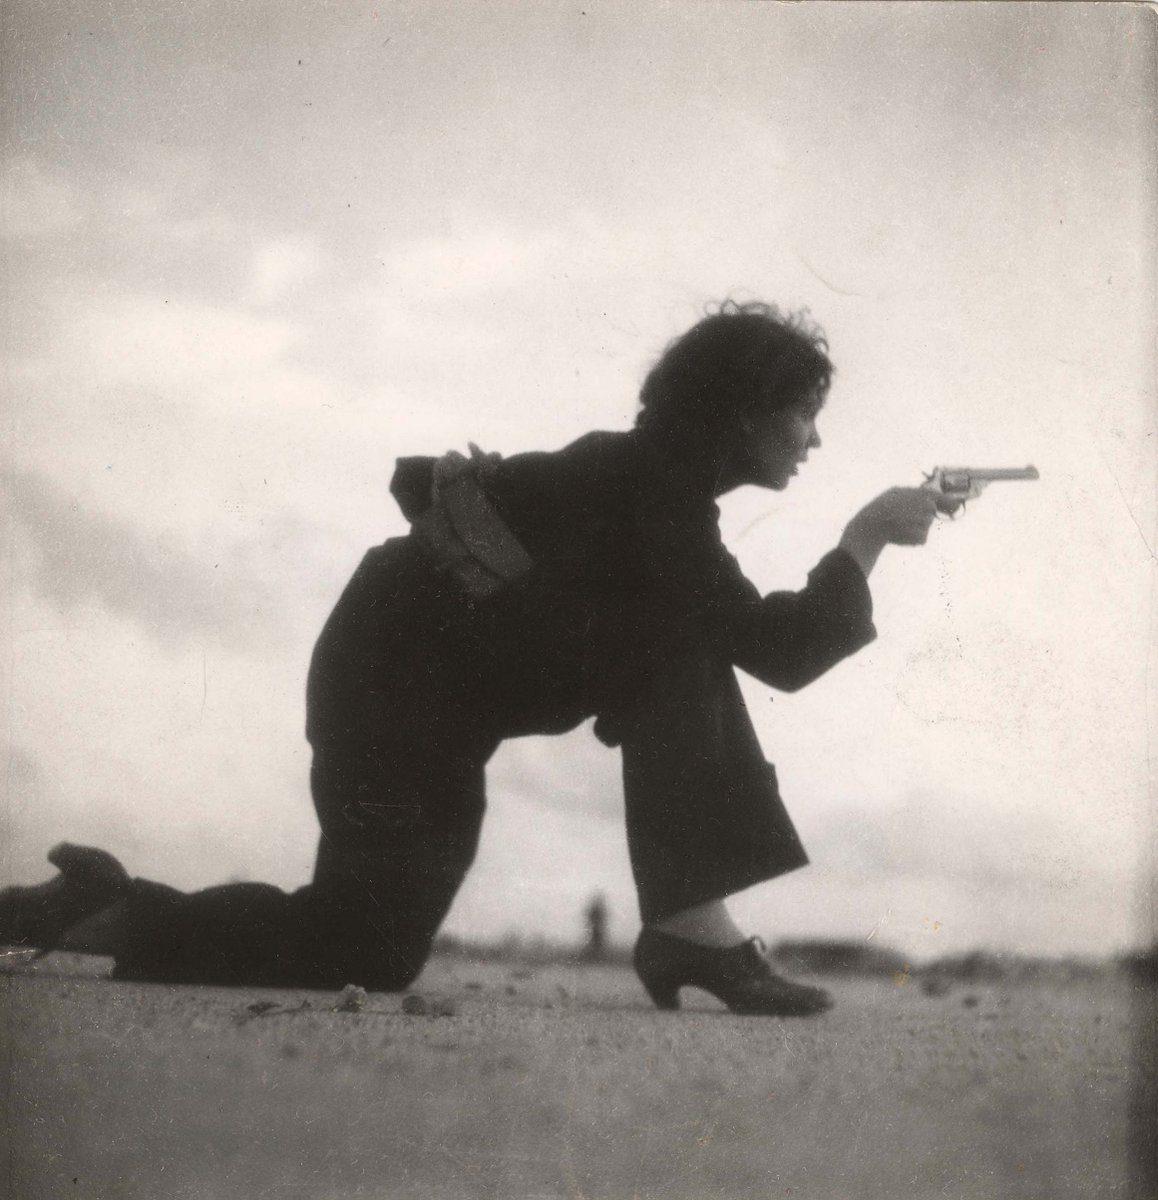 Espagne Photographie Femme s'entraînant pour la milice espagnole, 1936 Gerda Taro